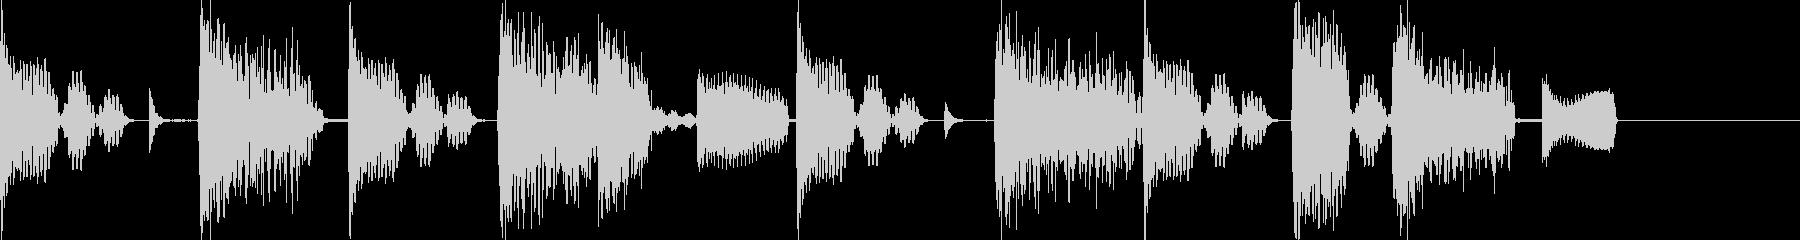 エレピとビートのHipHop風ジングルの未再生の波形